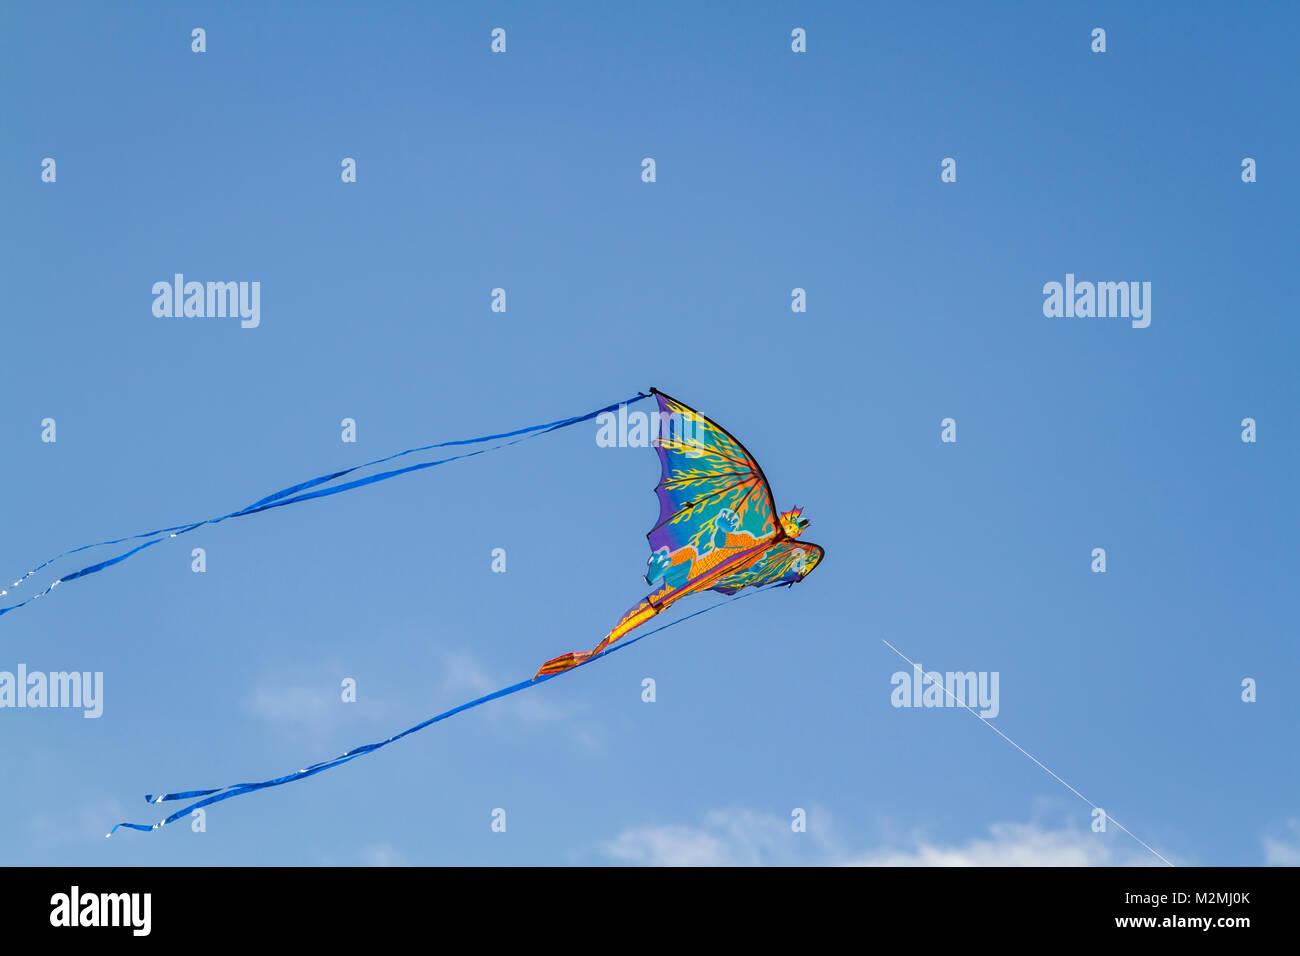 Dragon kite flying in the sky - Stock Image